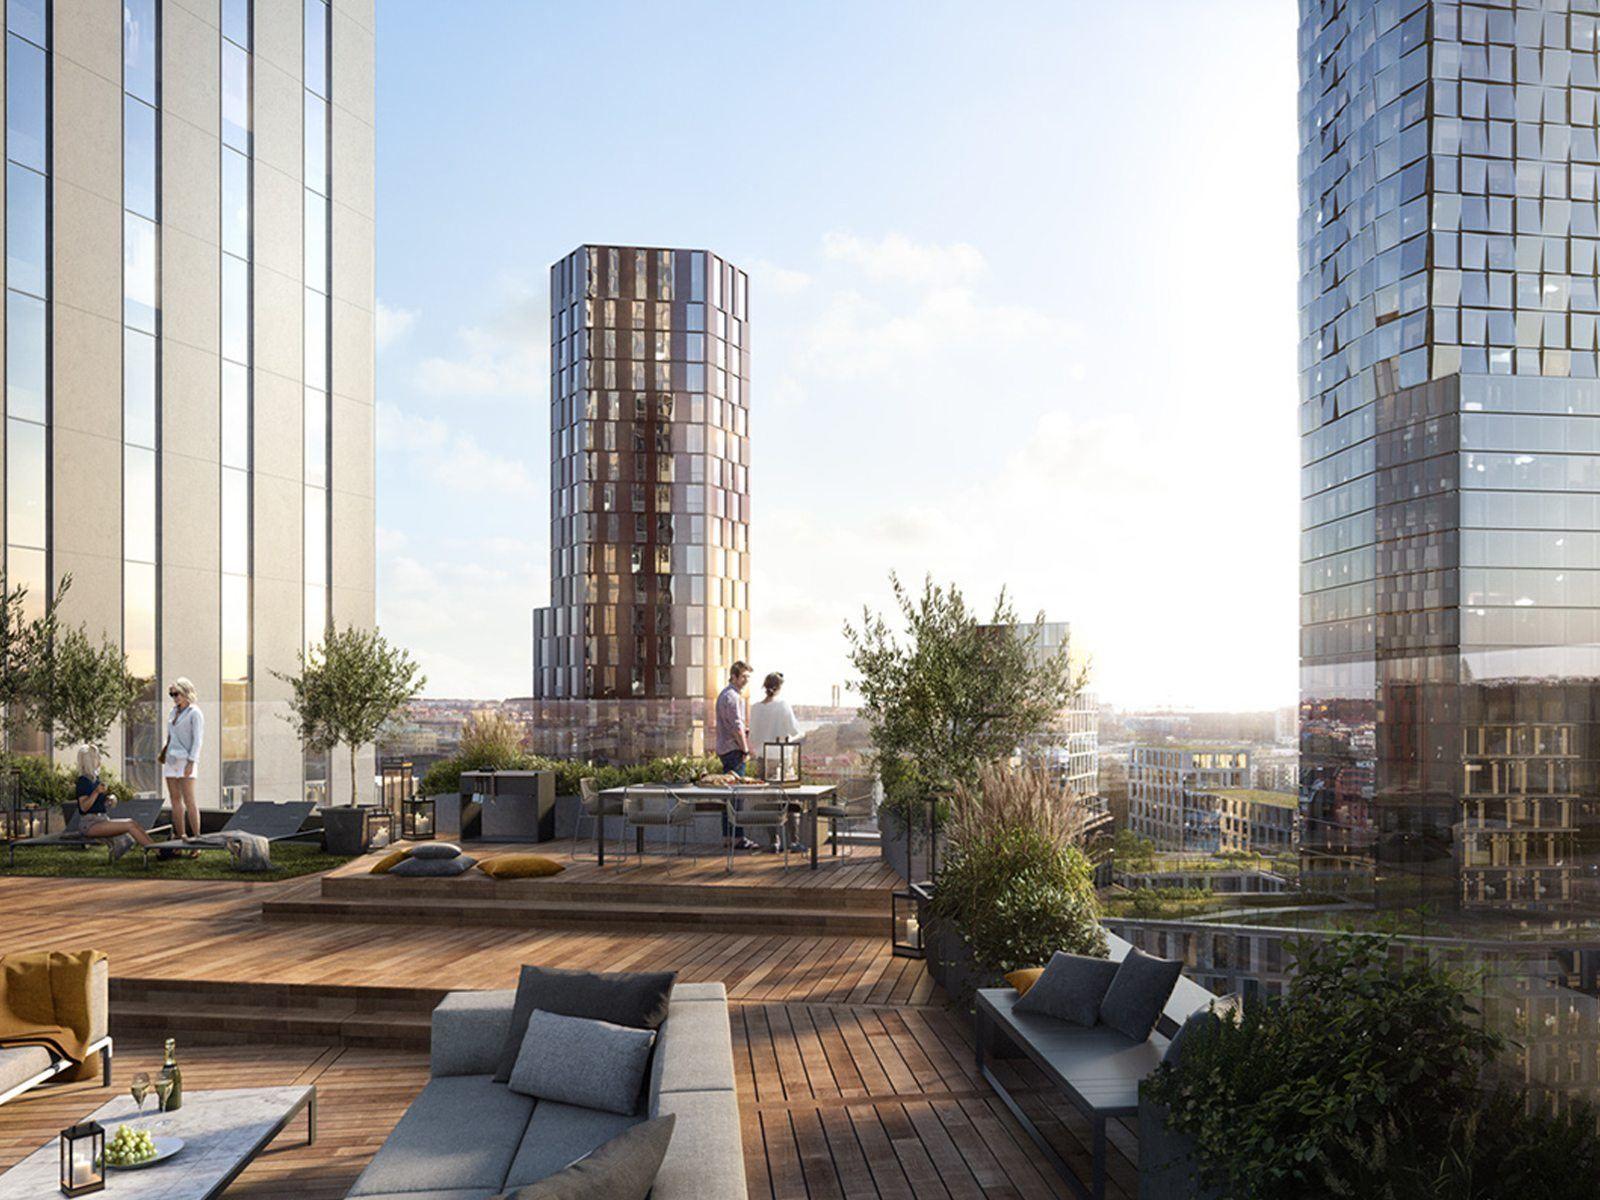 Luxuswohnung In Munchen Architektur Visualisierung Wolkenkratzer Fassadengestaltung